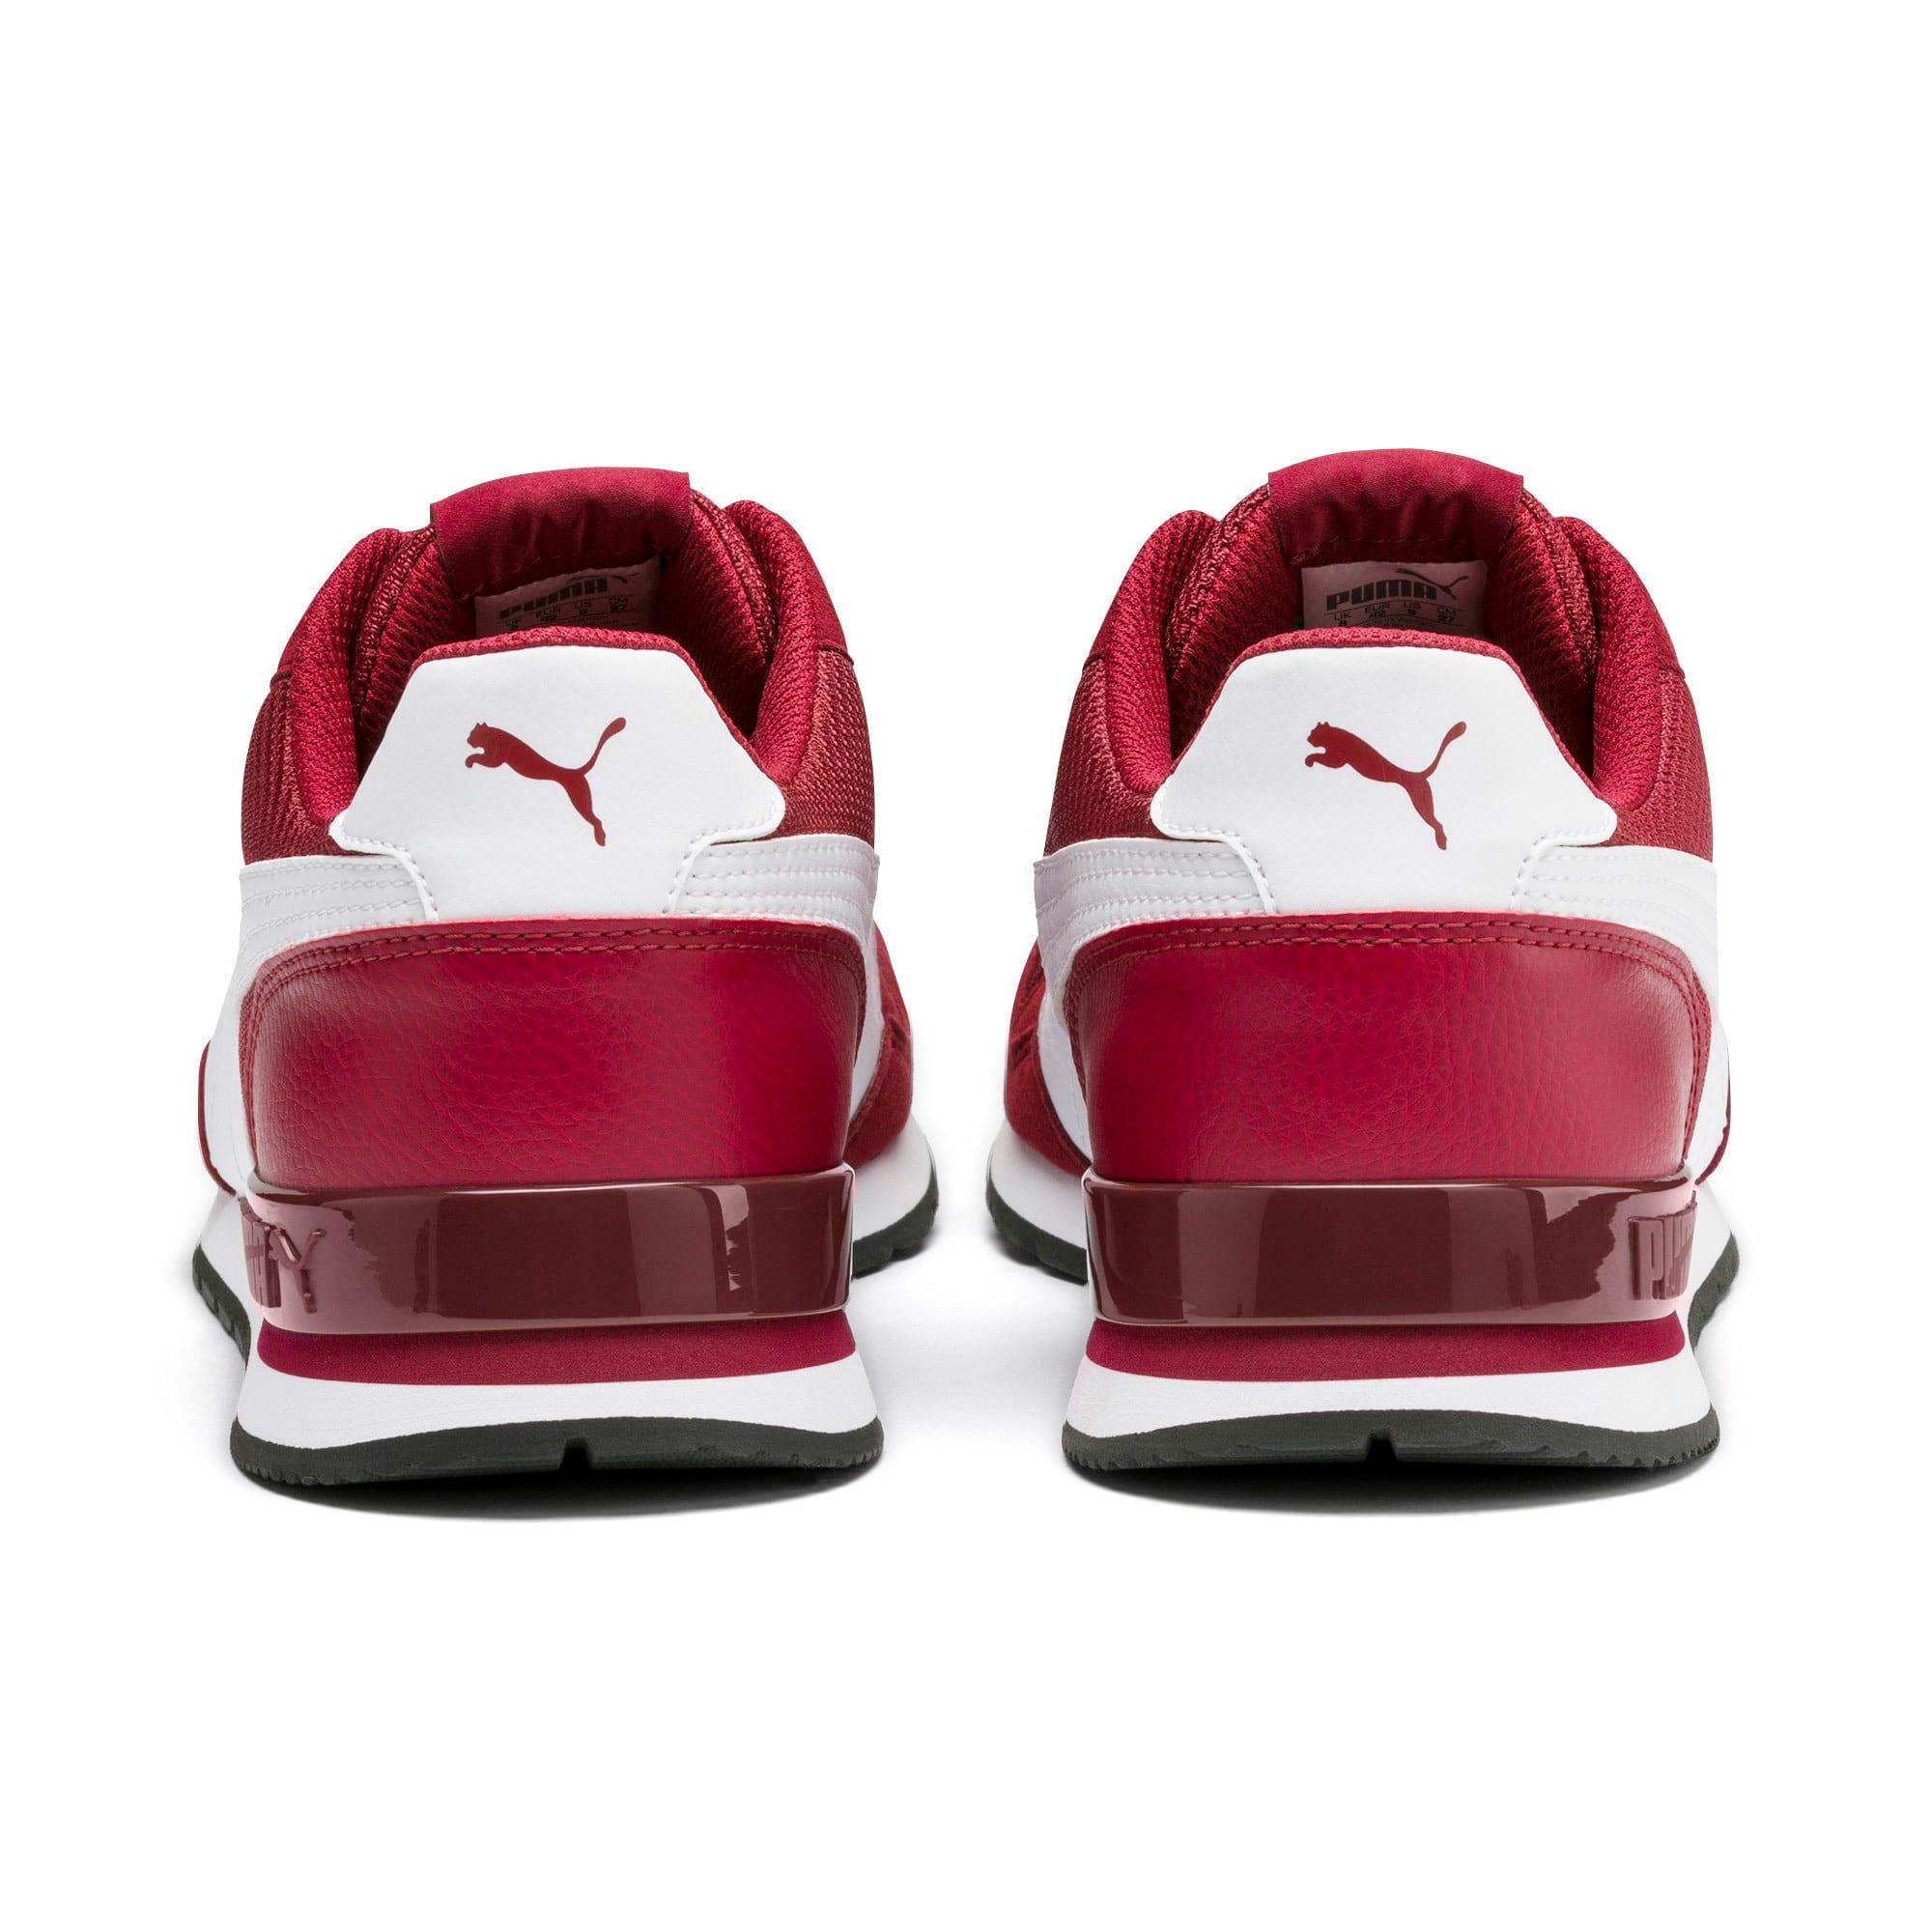 Miniatura 4 de Zapatos deportivos ST Runner v2 Mesh, Rhubarb-Puma White, mediano